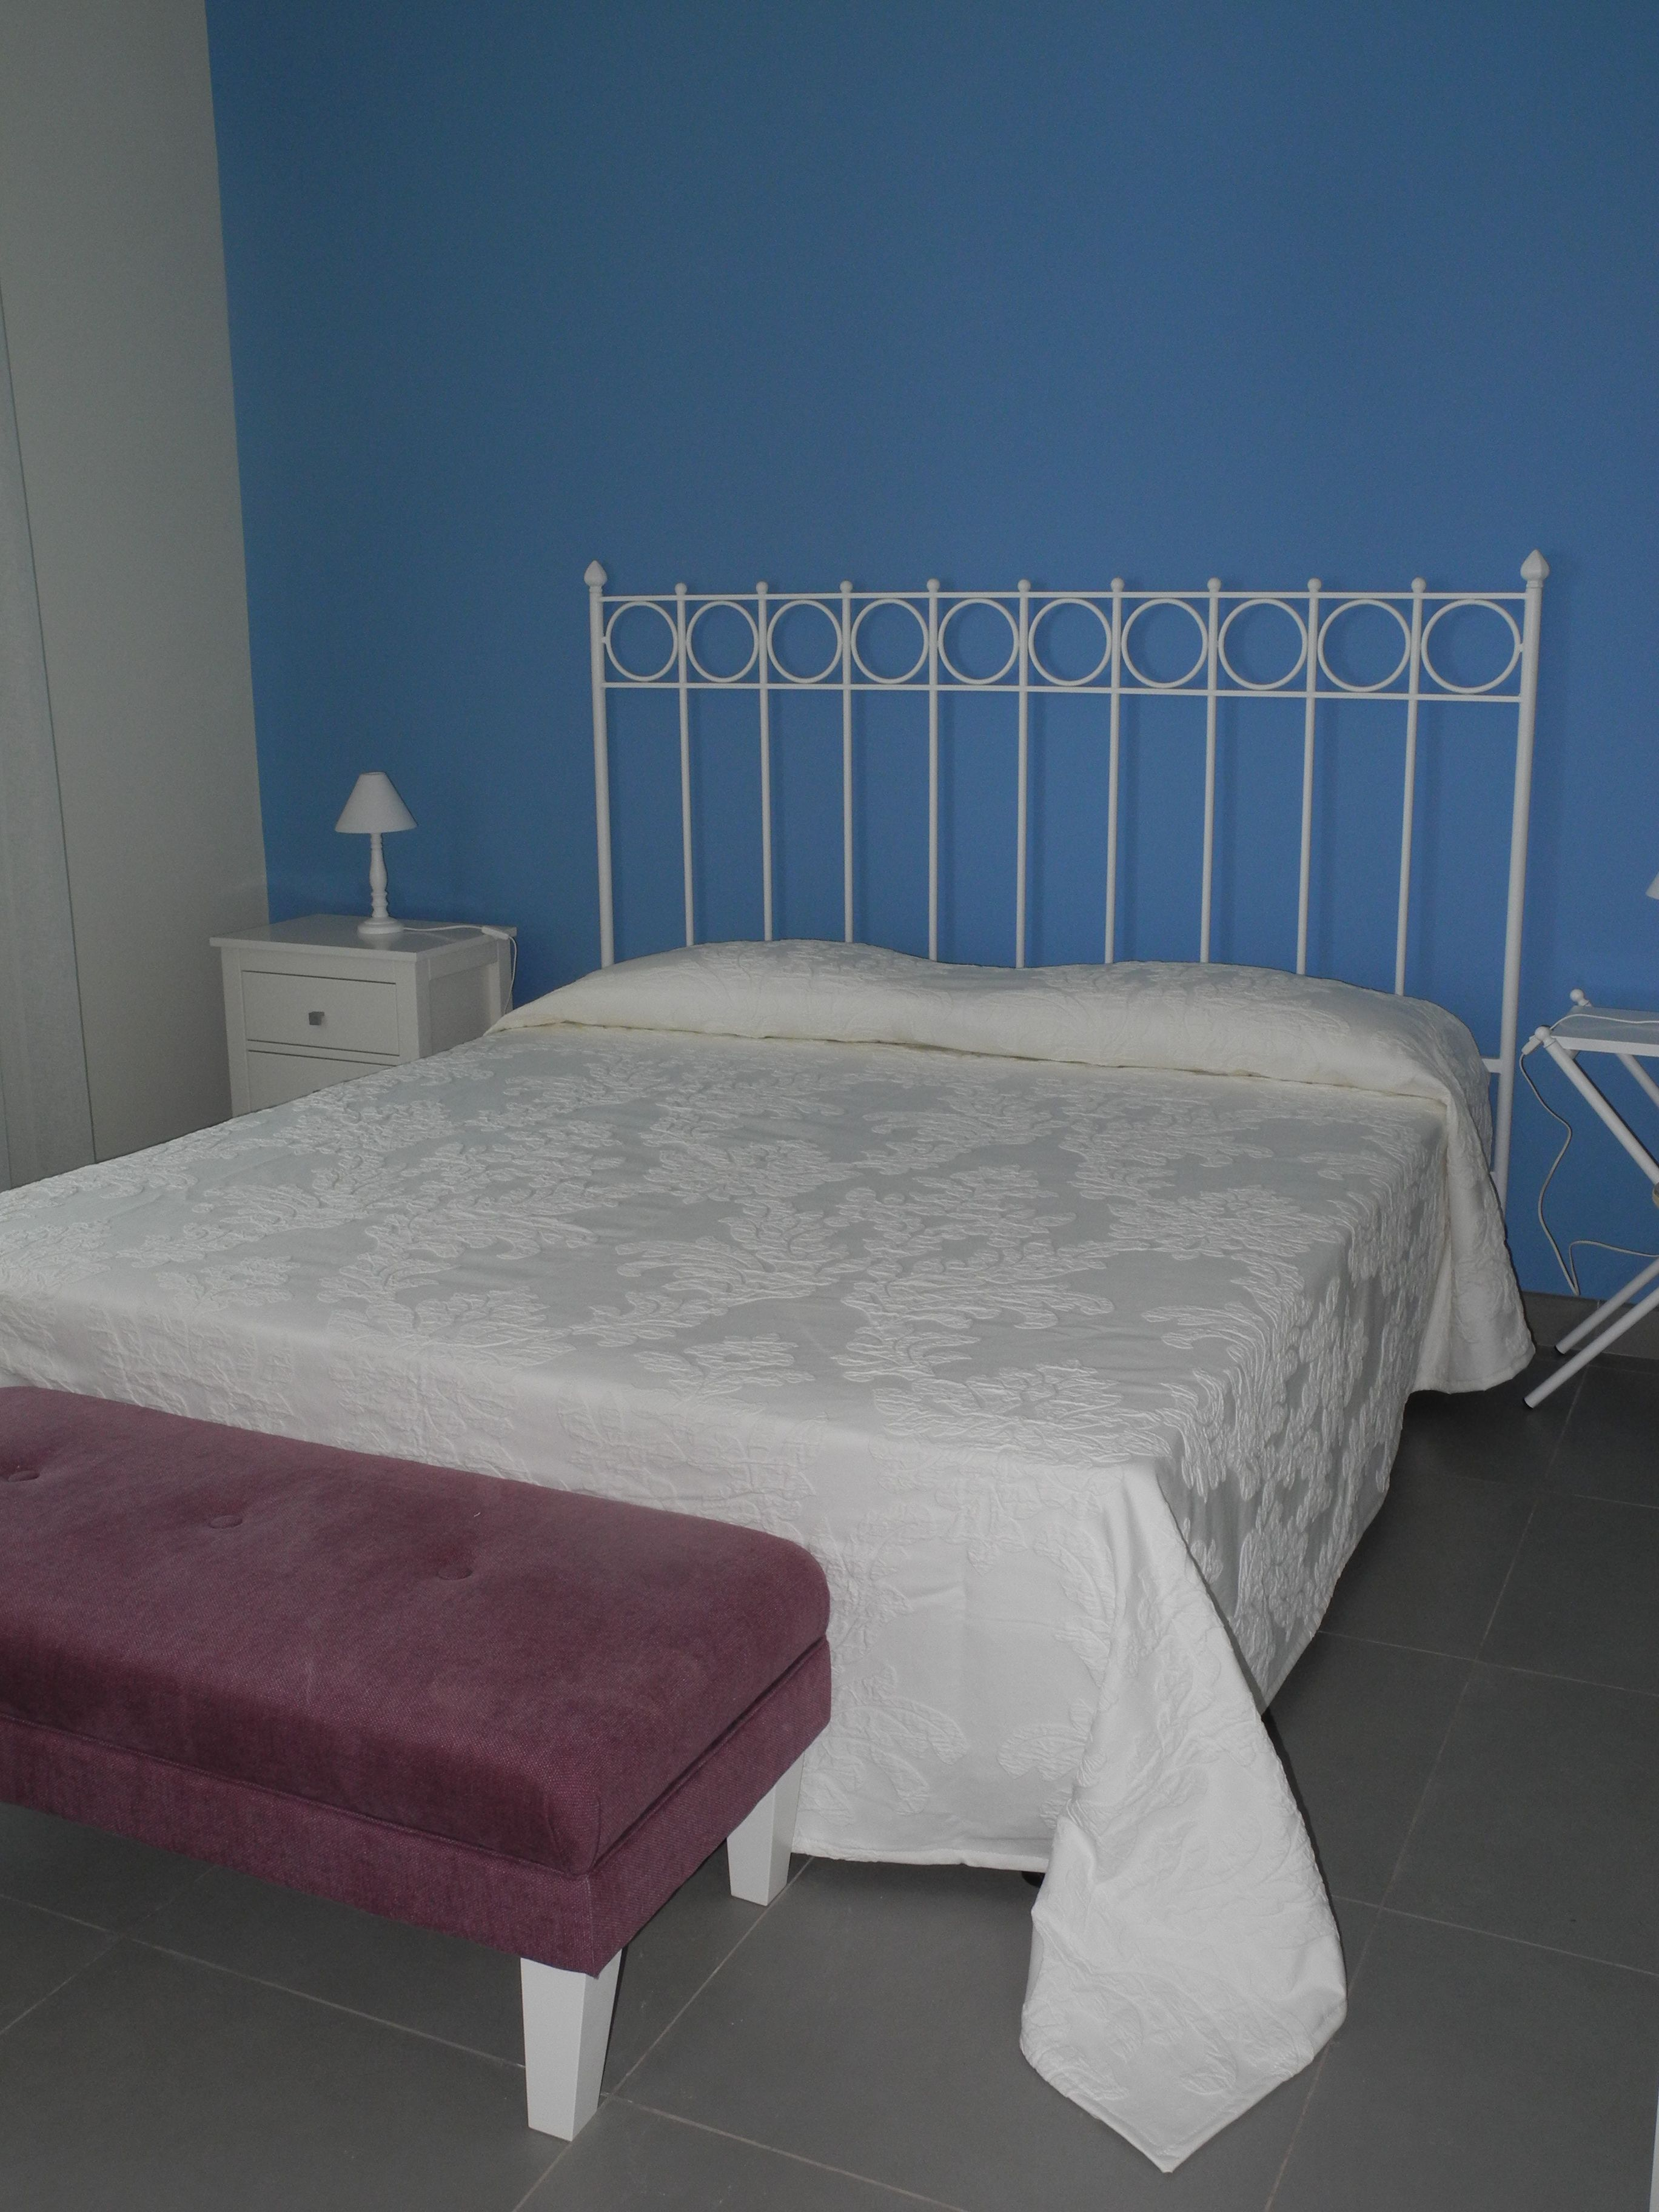 Testata letto in ferro laccato bianco, comodini in ferro e legno ...